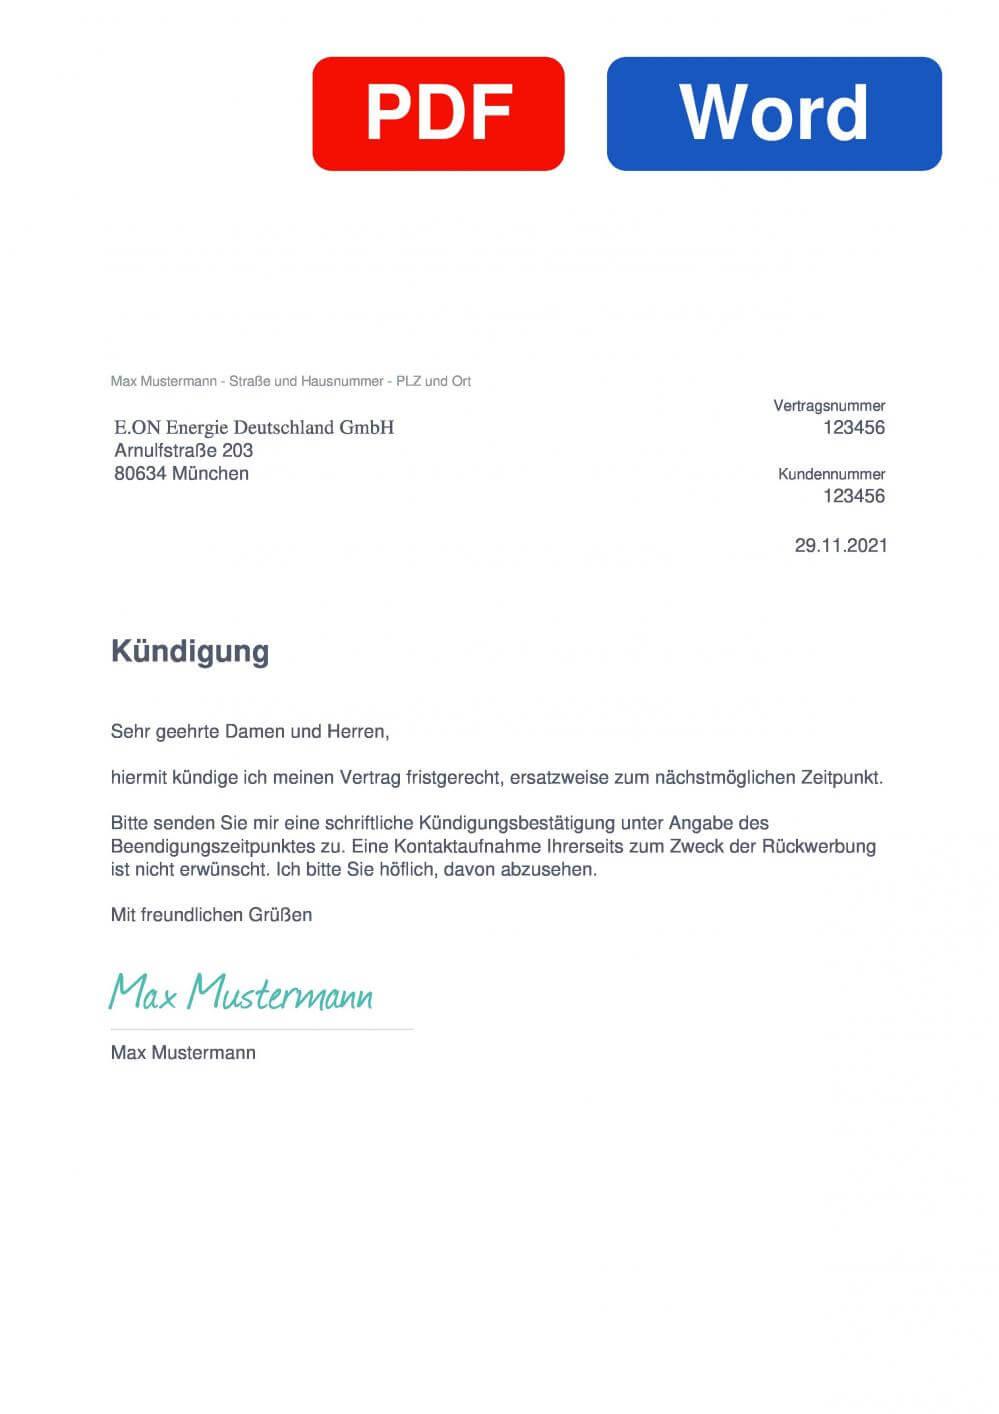 E.ON Muster Vorlage für Kündigungsschreiben